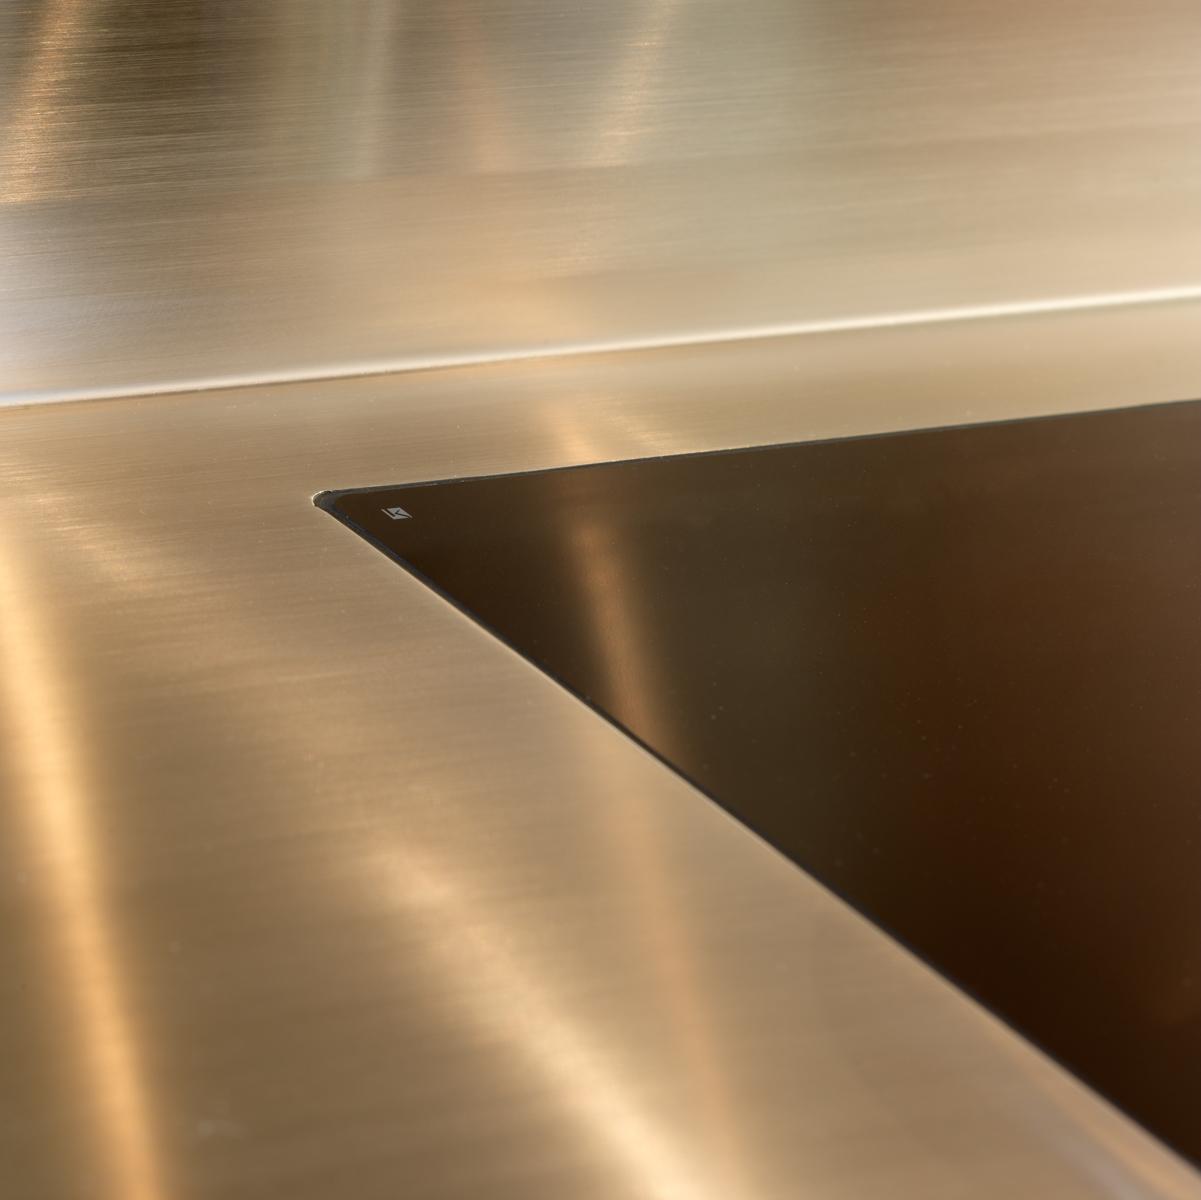 Planlimet kogeplade i massiv rustfast stålbordplade.